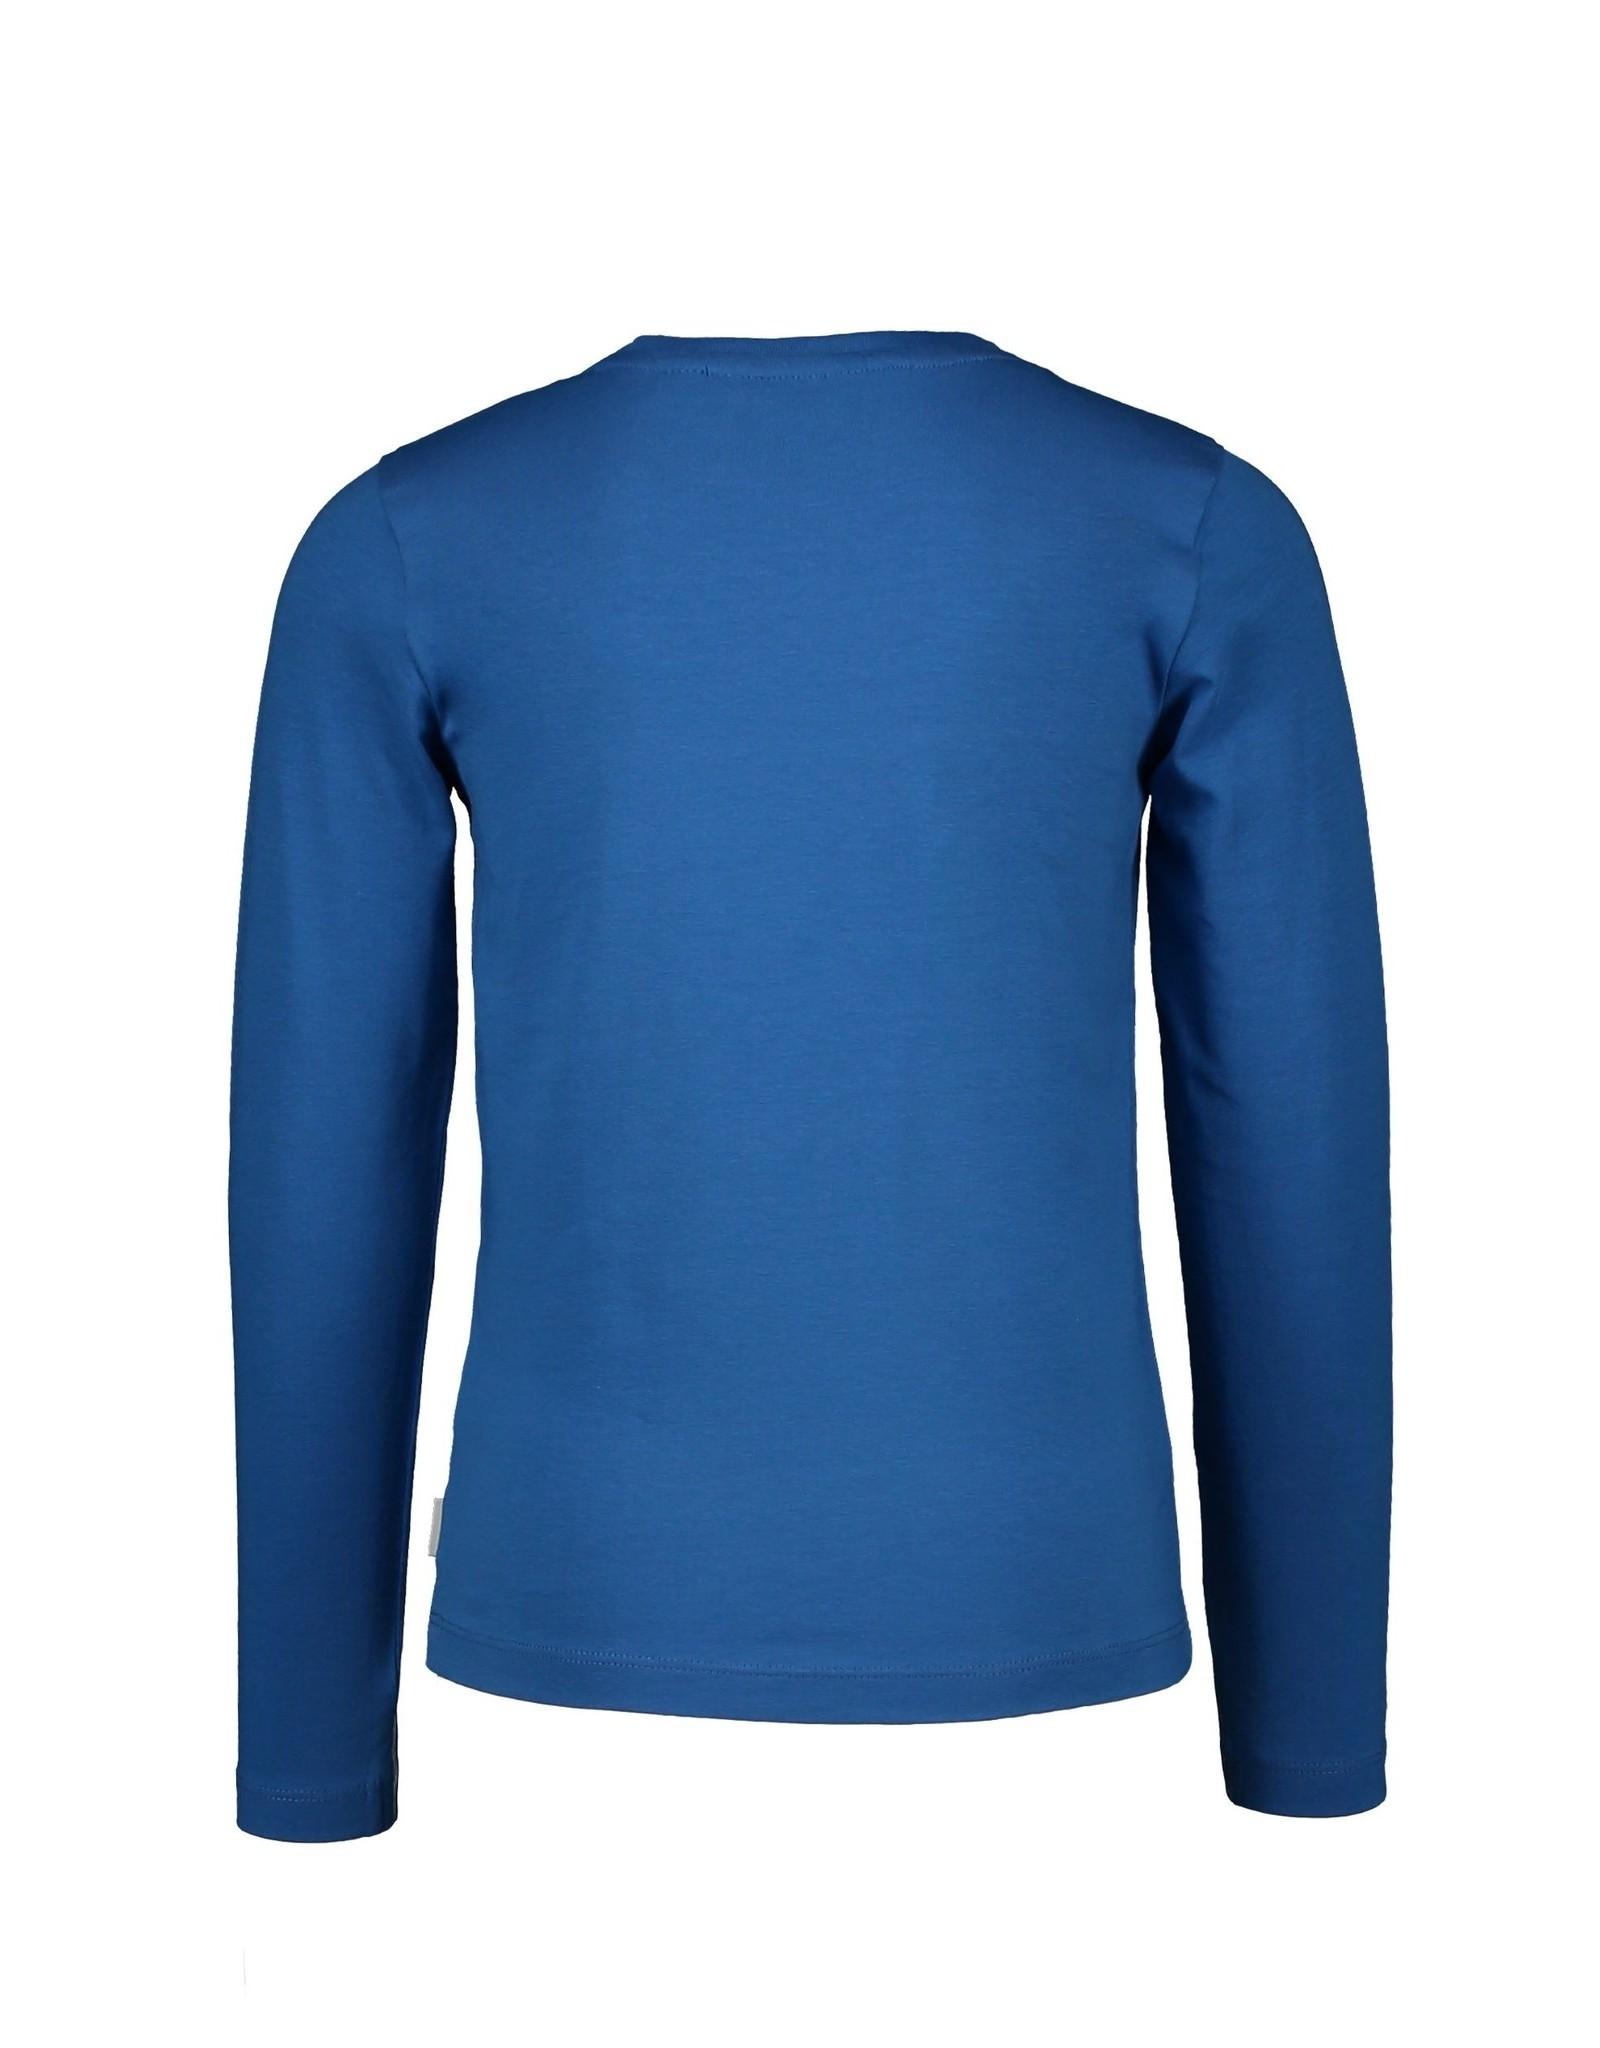 Moodstreet Moodstreet longsleeve 5401 true blue